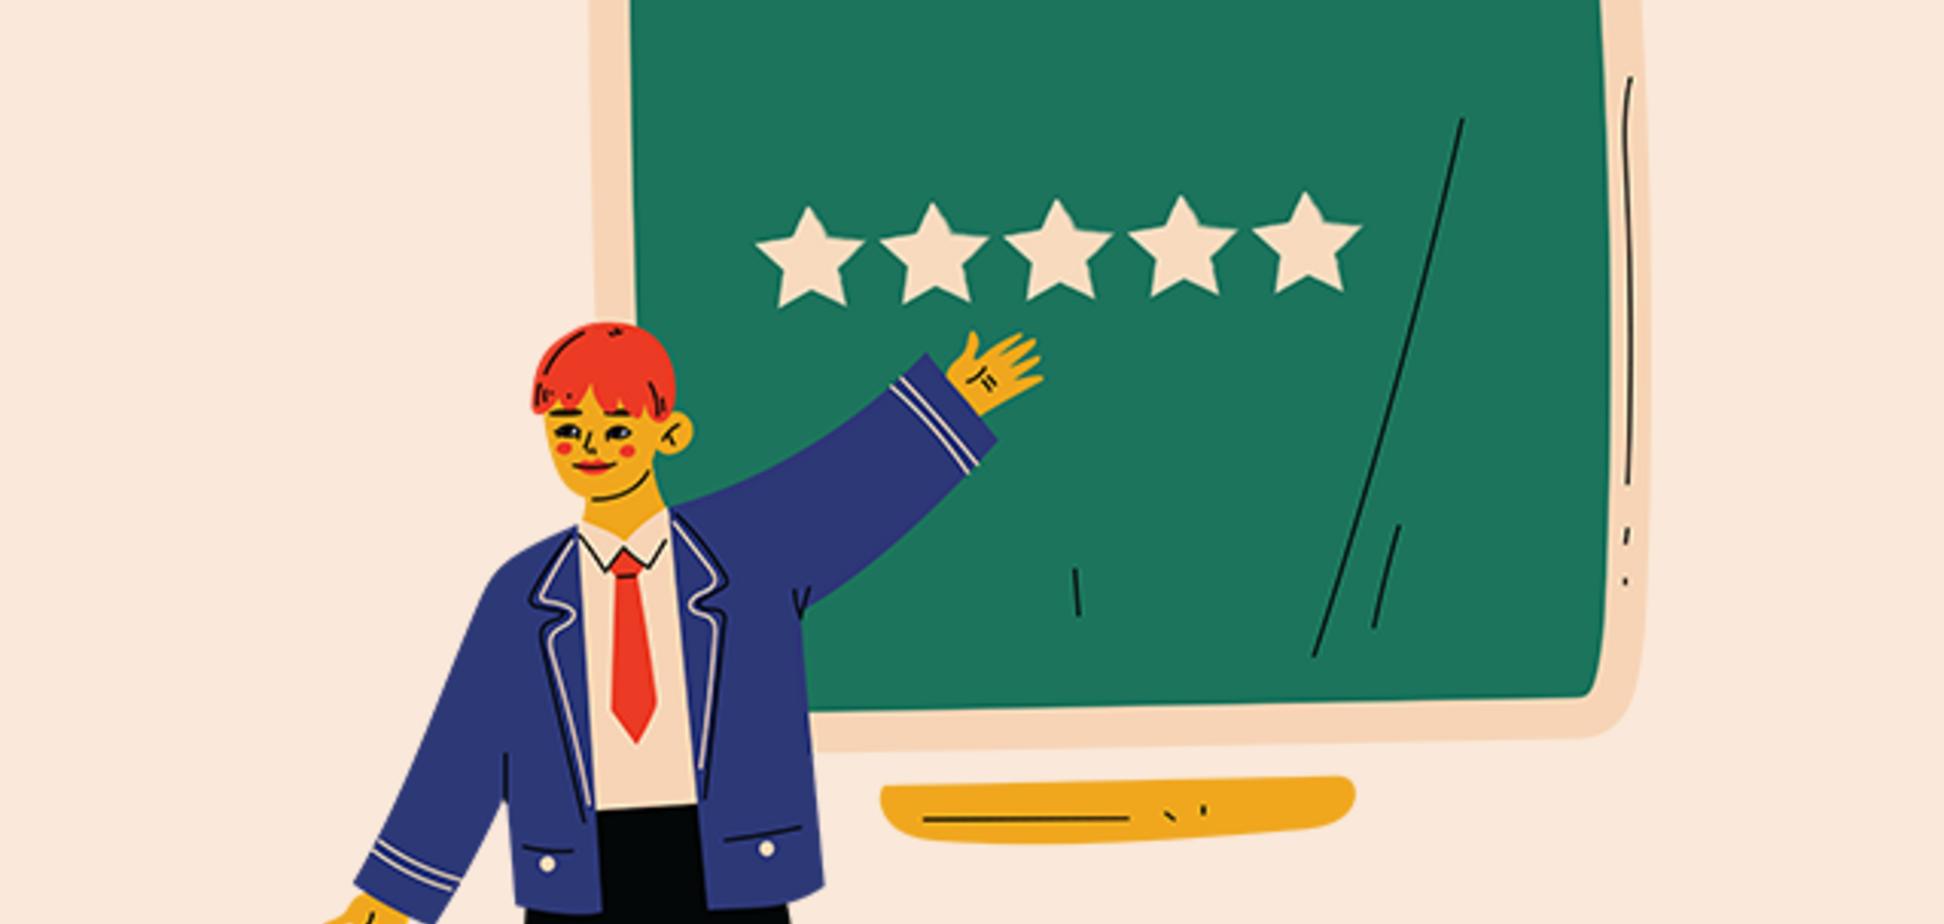 'В смс было 'спасибо': учительница рассказала, как спасла мальчика-гения